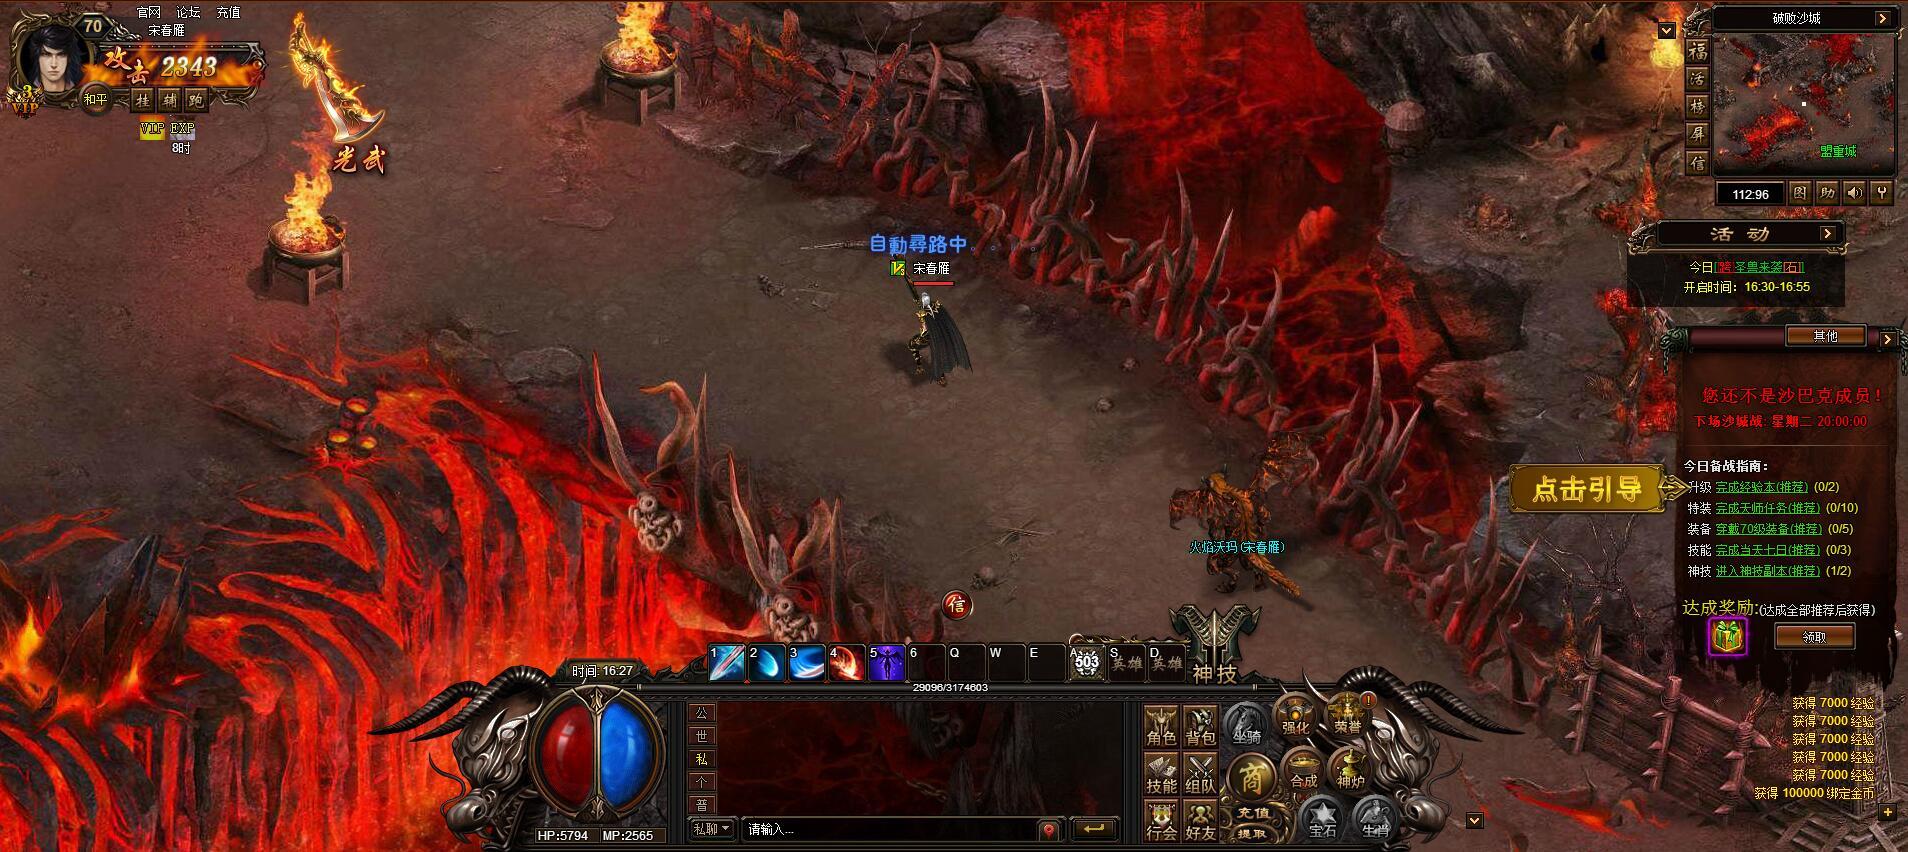 死神传奇游戏截图2